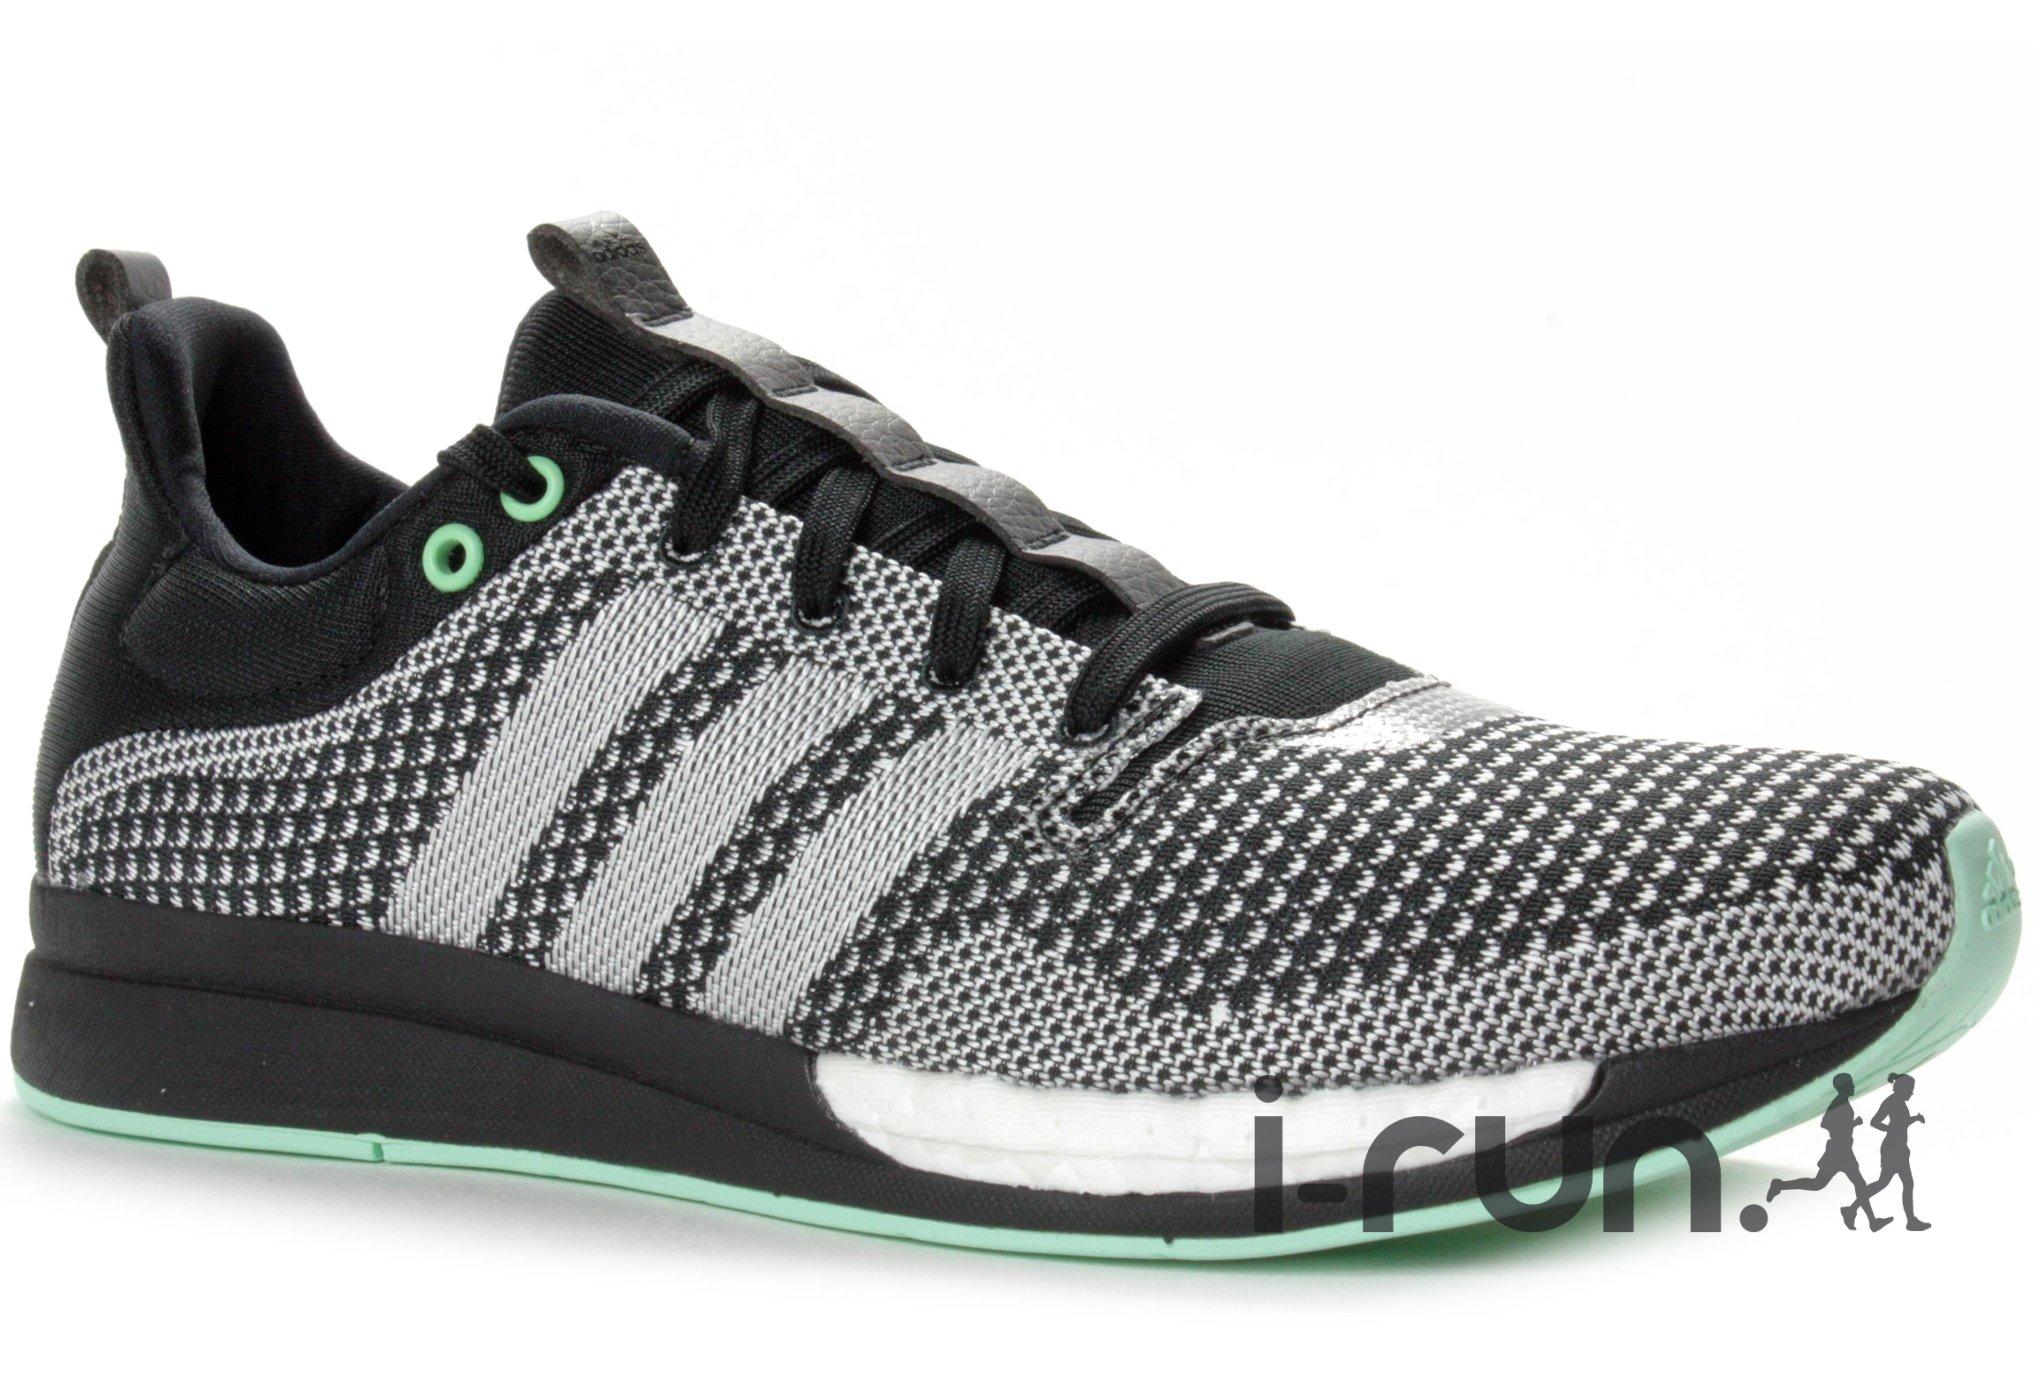 Adidas Adizero feather boost w diététique chaussures femme